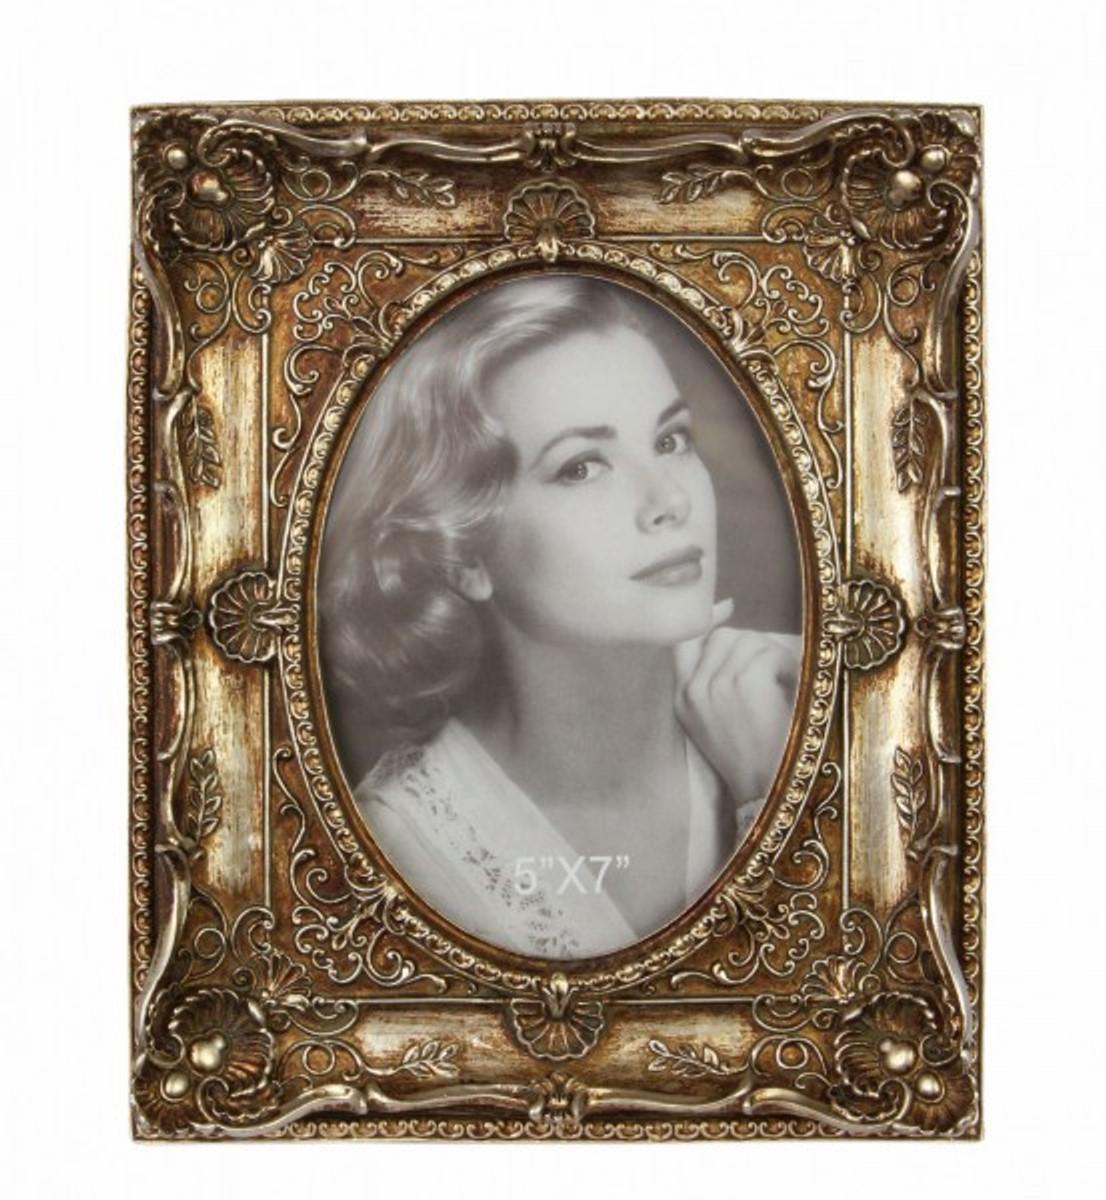 Silberner Bilderrahmen mit Patina nostalgisch für Fotos 5x7 Bildausschnitt kaufen.